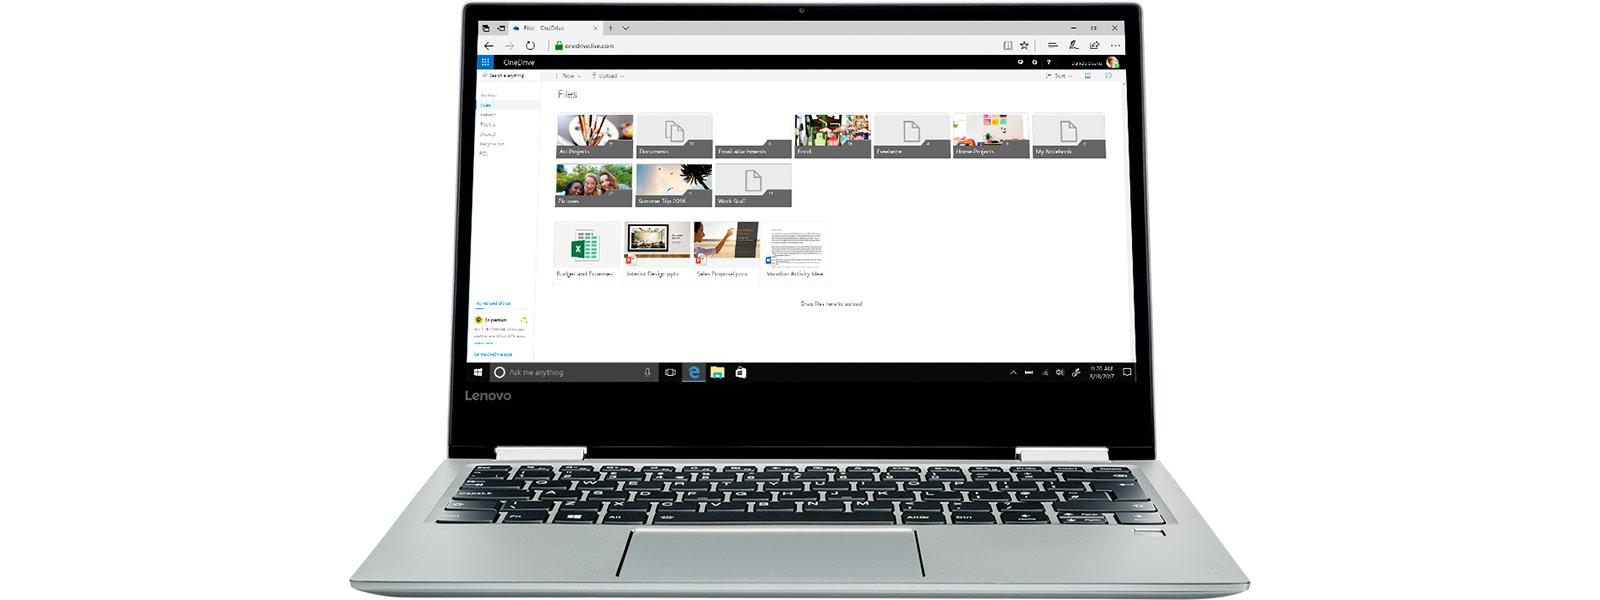 Экран OneDrive на устройстве с Windows10